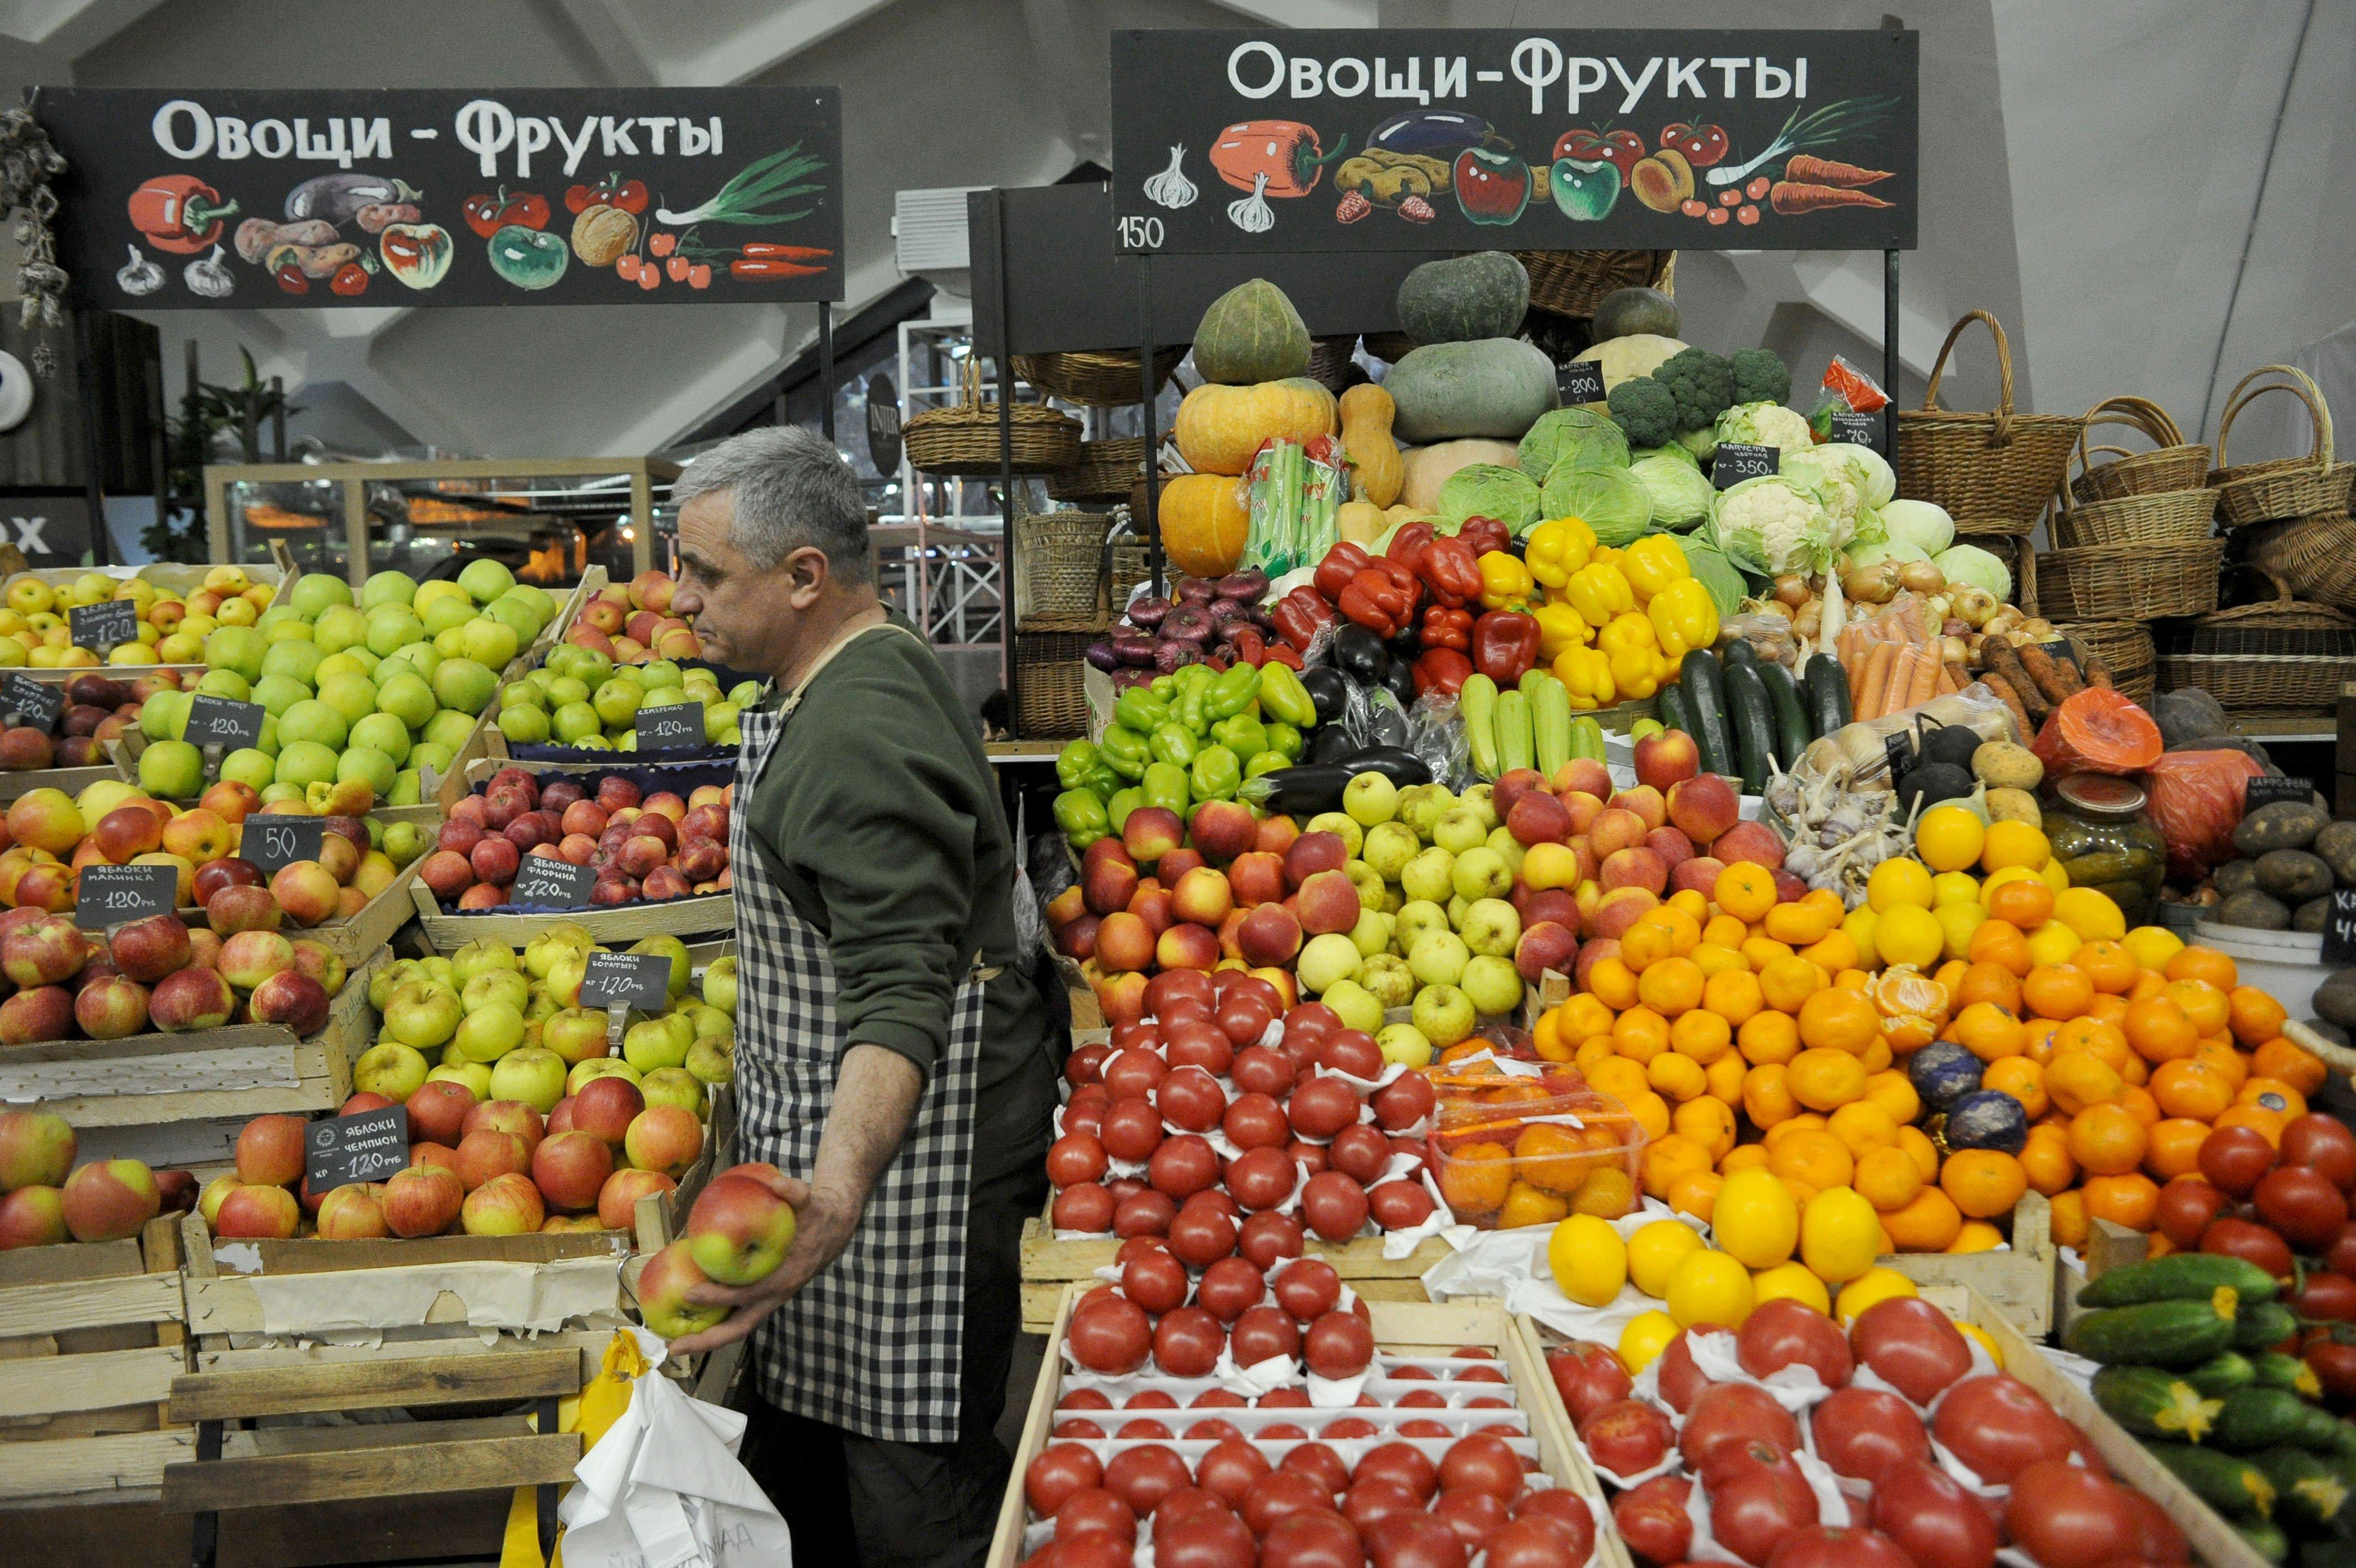 Немерюк не ожидает дефицита яблок и томатов в Москве после запрета поставок из Азербайджана